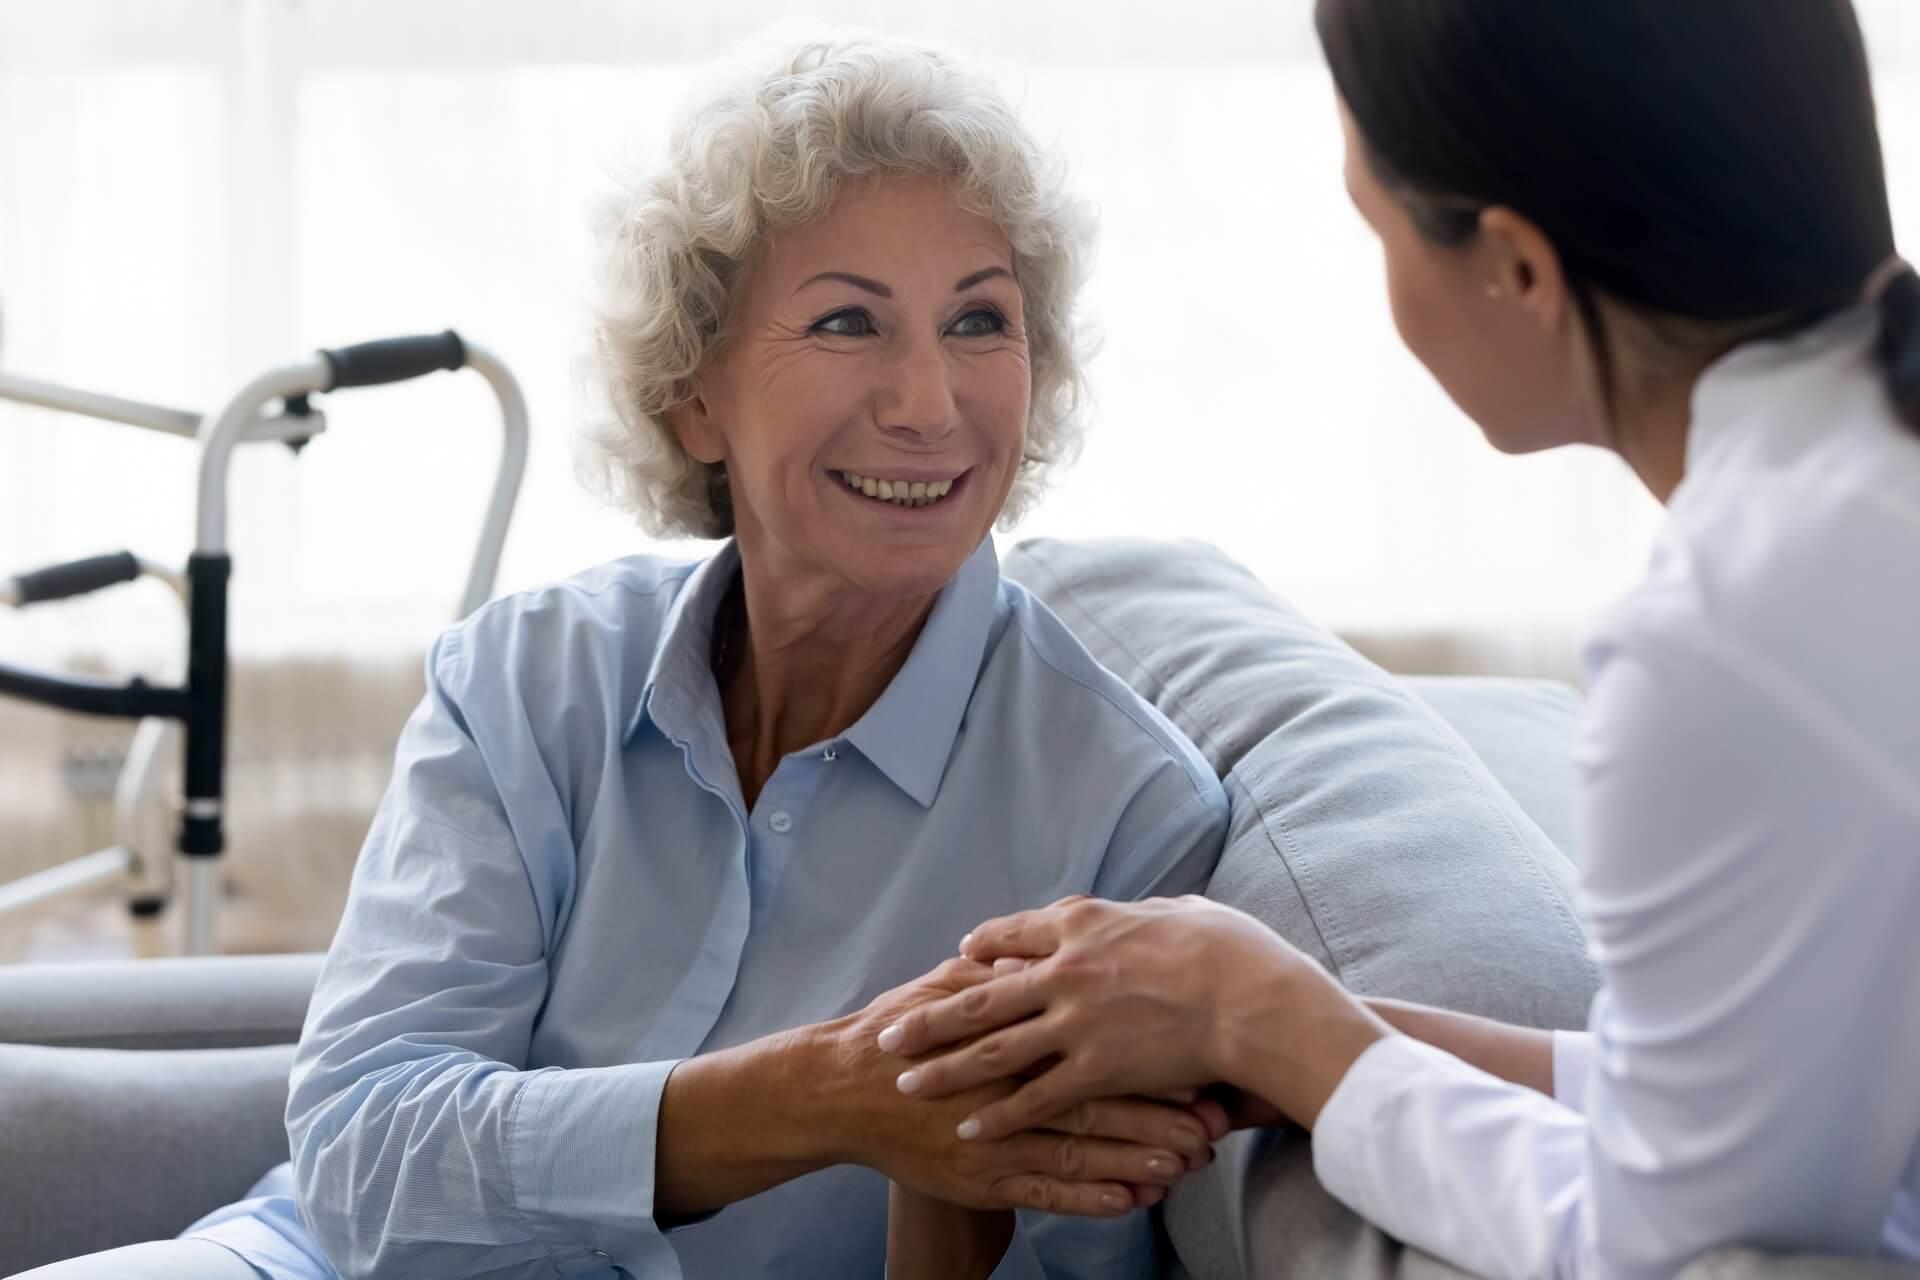 Novo zdravilo za Alzheimerjevo bolezen!